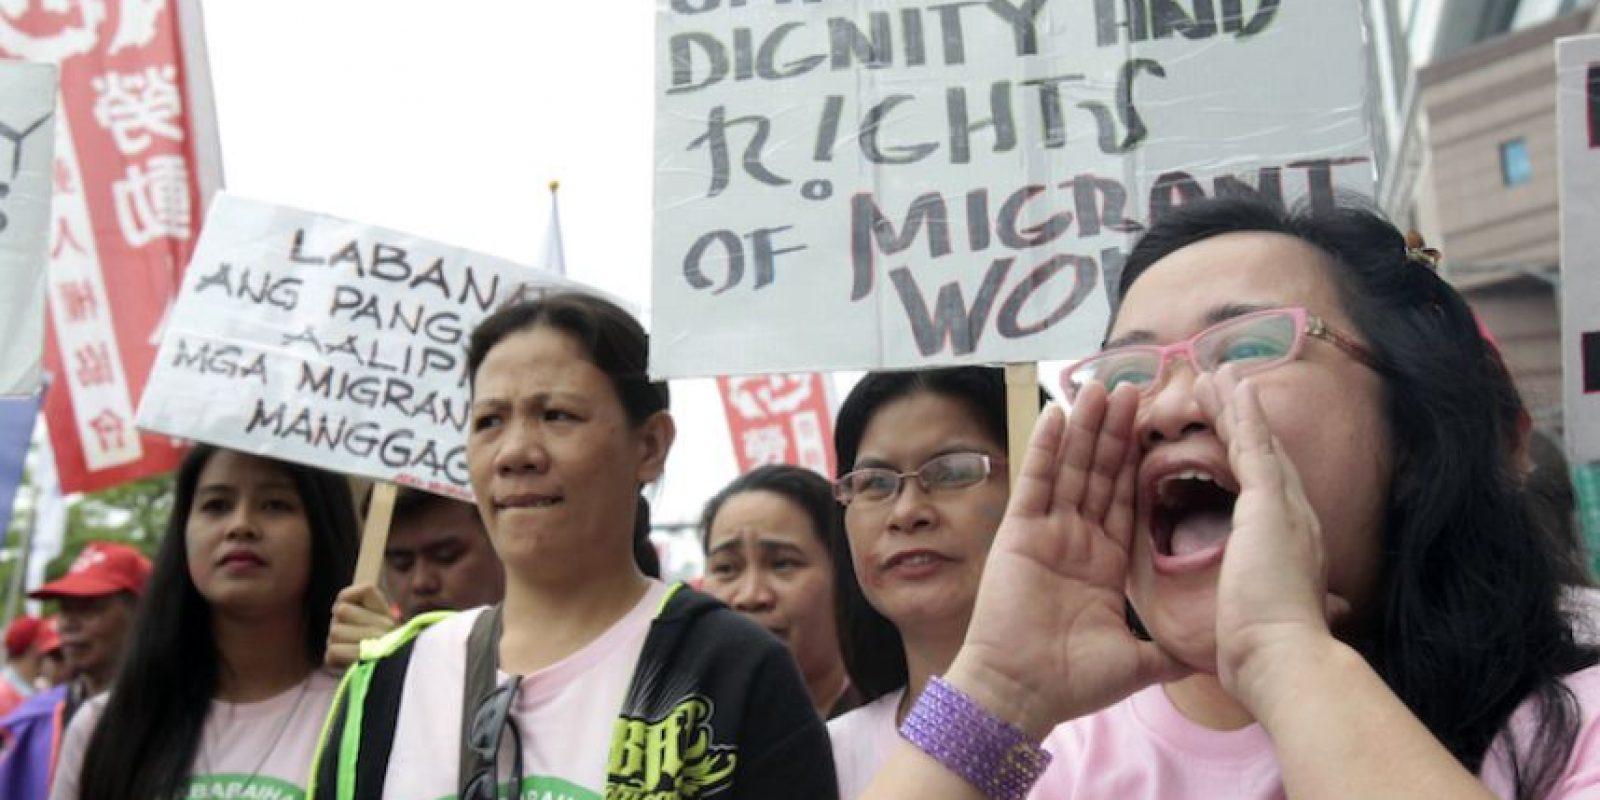 Trabajadores extranjeros en Taiwán corean lemas durante una marcha por el Primero de Mayo en Taipei, Taiwán, el domingo 1 de mayo de 2016. Foto:AP. Imagen Por: